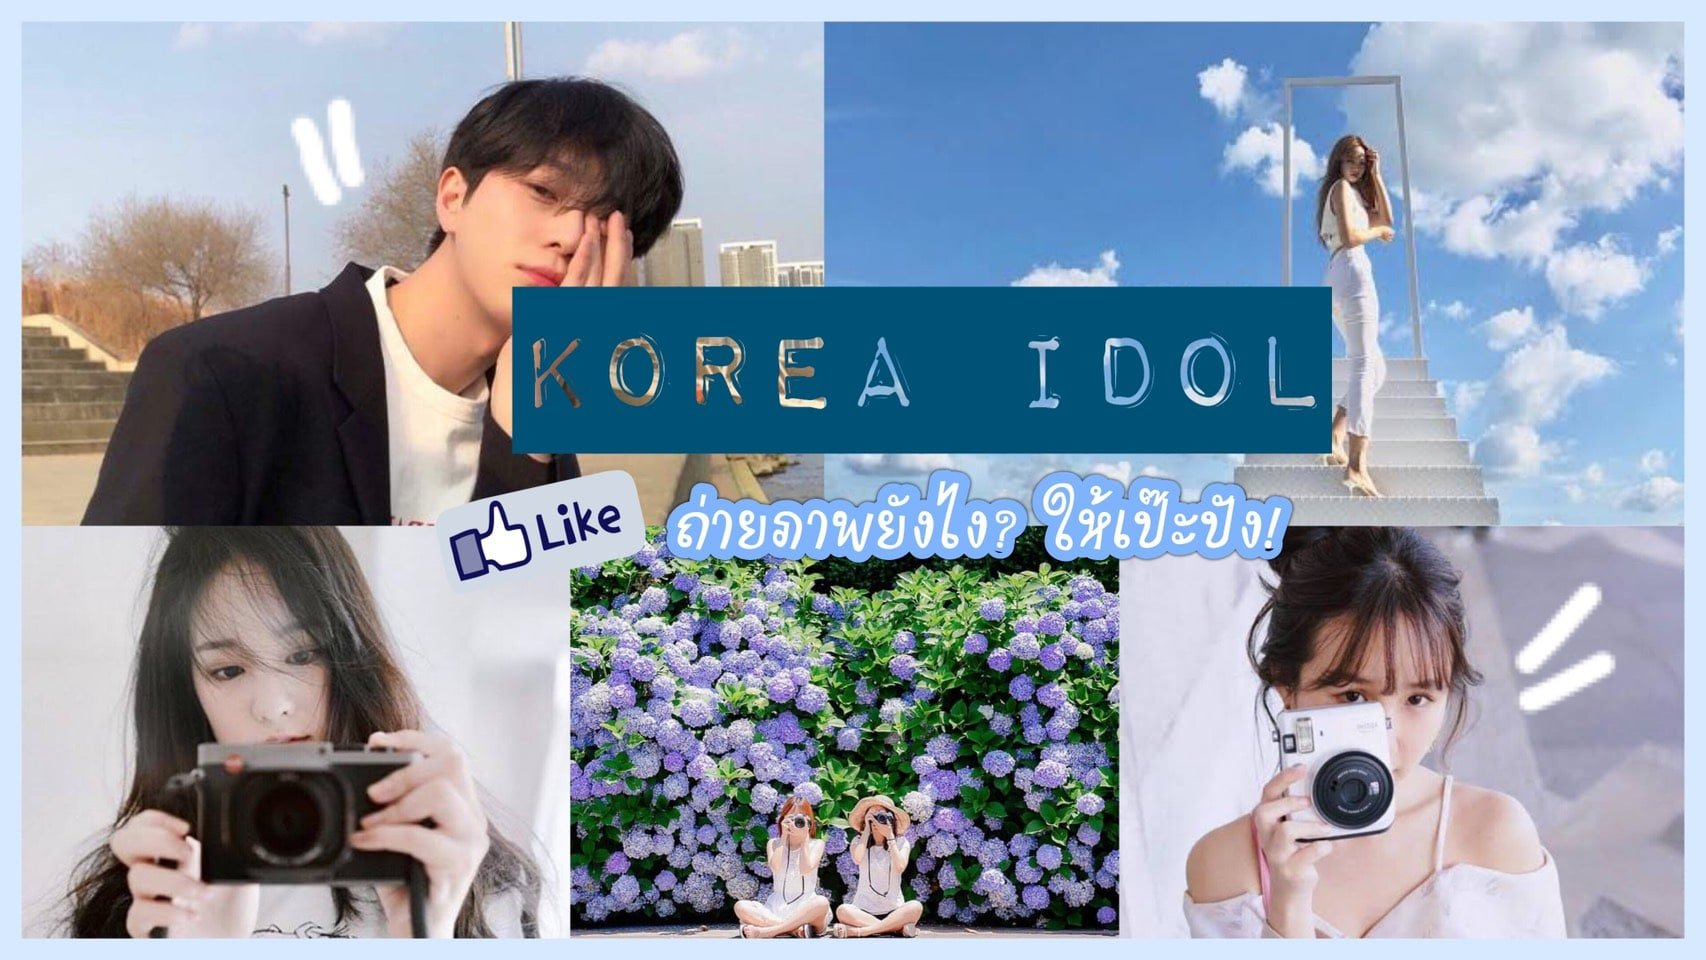 ทัวร์เกาหลี – แชร์เทคนิค เที่ยวเกาหลีถ่ายภาพยังไงดี ให้เป๊ะแบบไอดอล